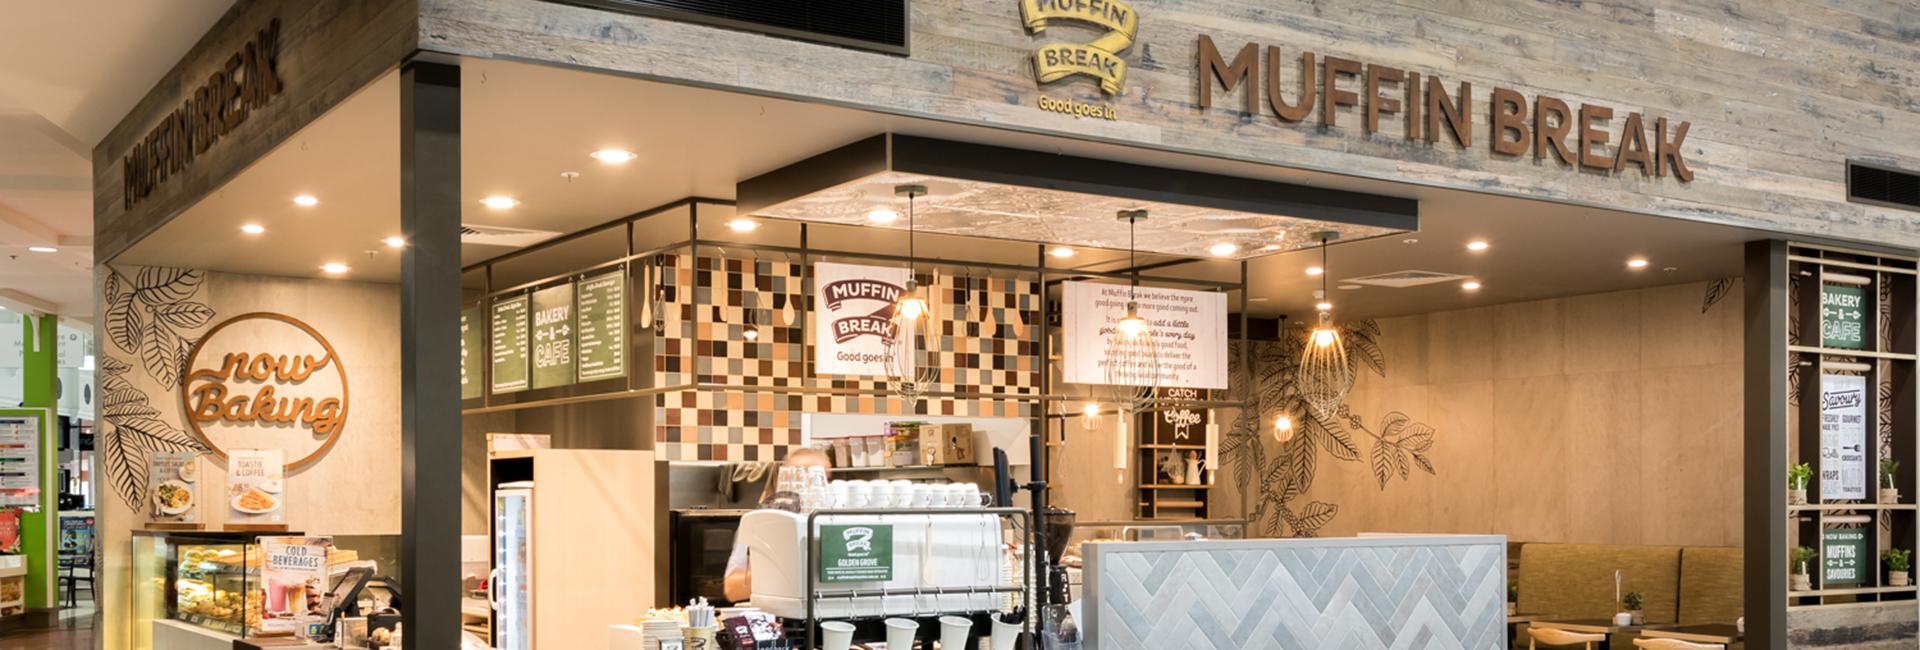 Muffin Break - SA